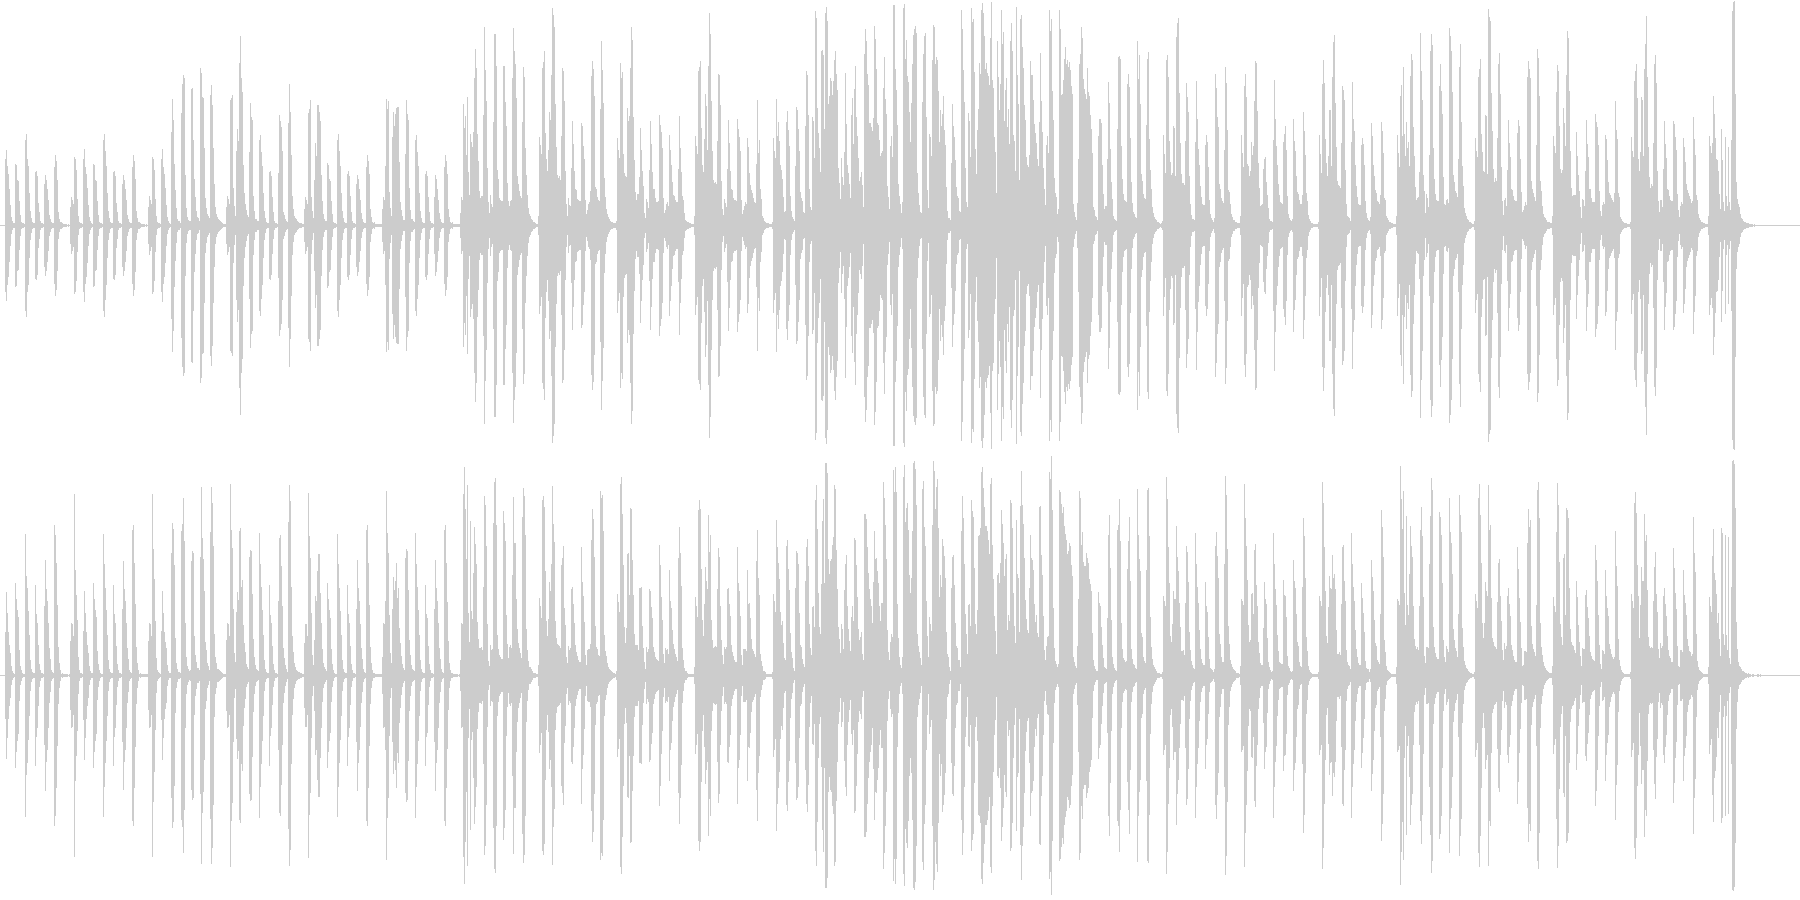 リコーダーとピアノの軽やかで可愛らしい曲の未再生の波形